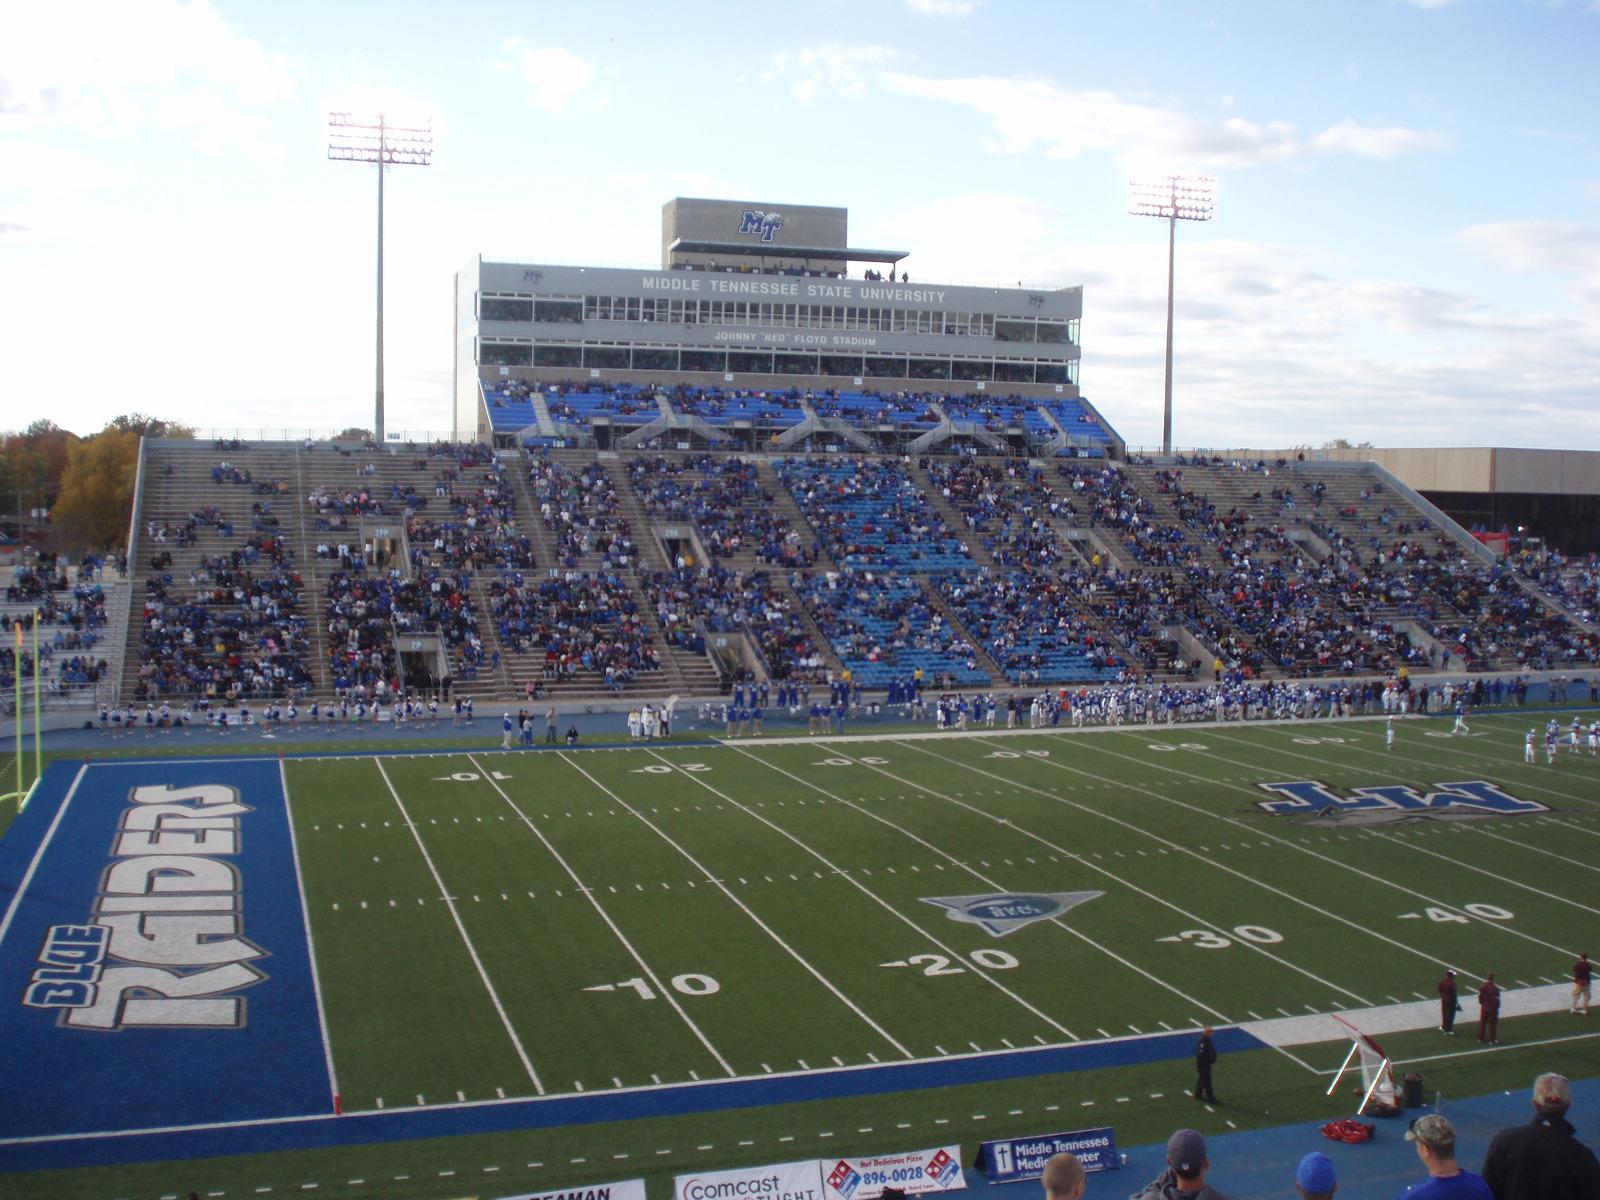 East Tennessee State University Football Stadium